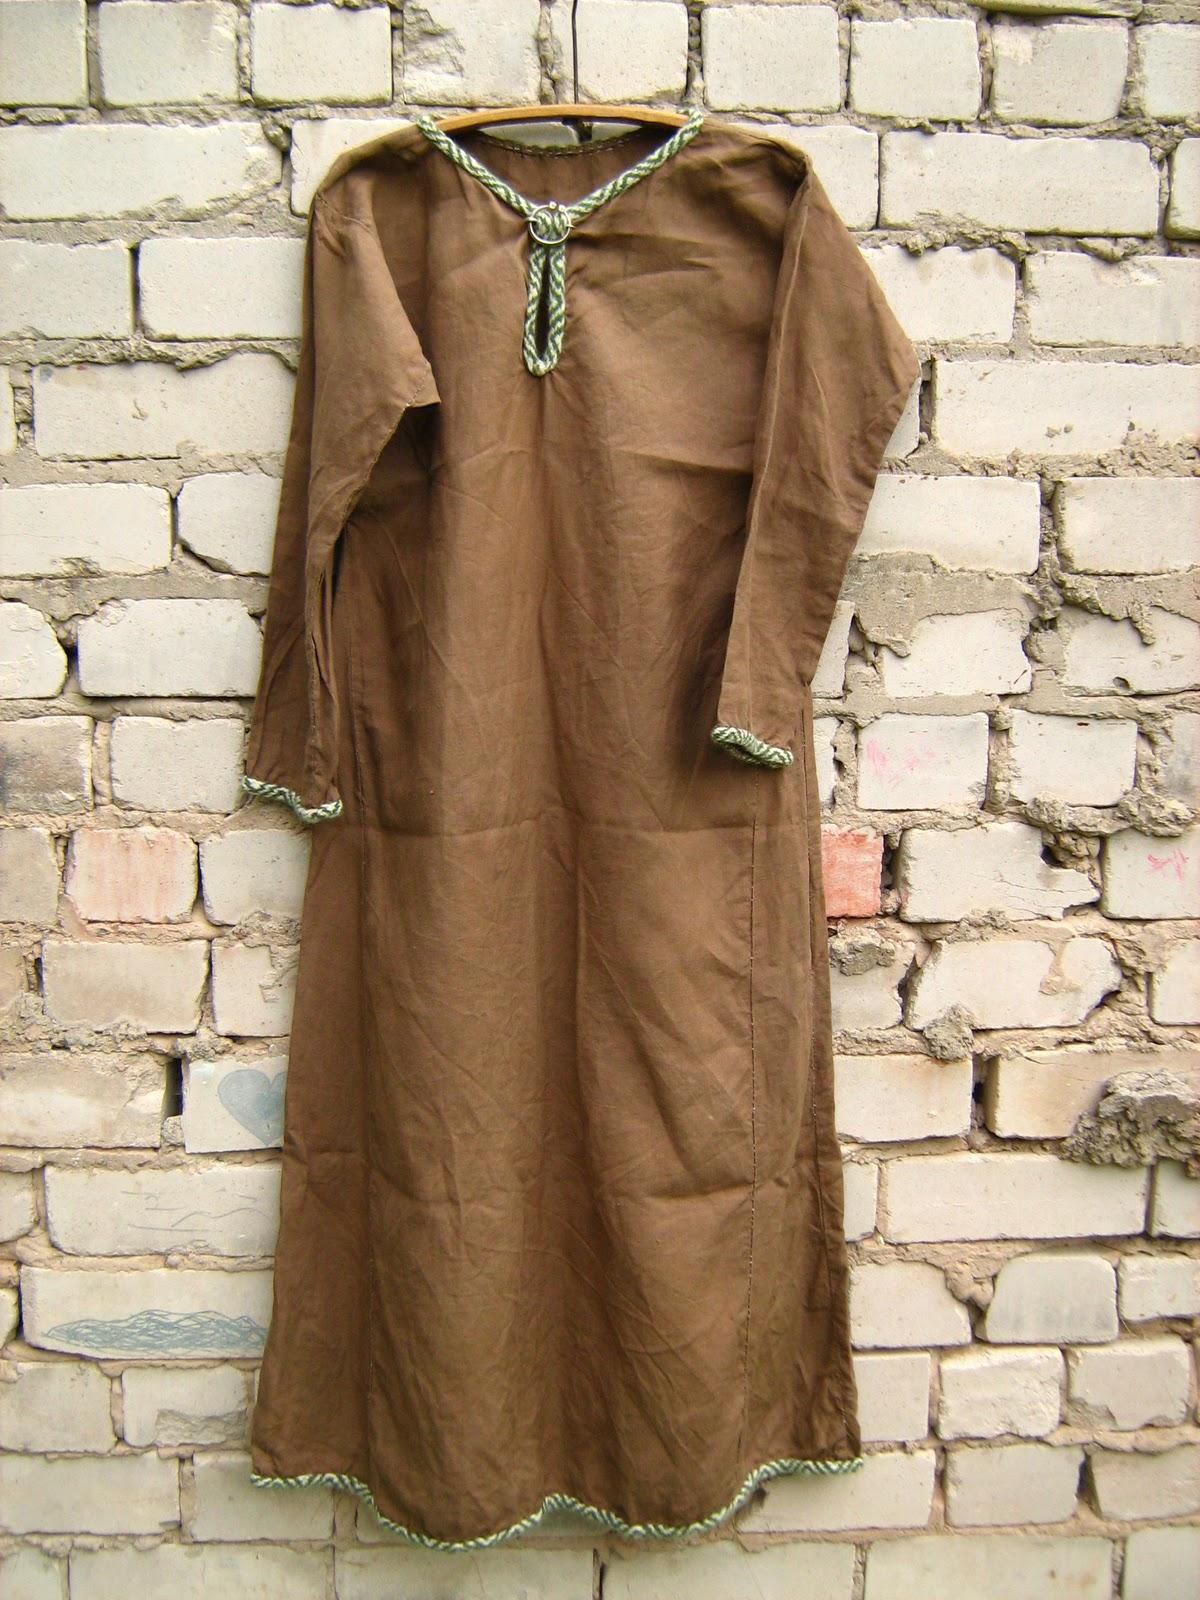 98eed937bb3 Kolmas ja siiani viimane linane kleit, kõige tumedam (seega ka ebaautensem,  kuna linast arvatavasti ei värvitud), kõige suurem ja kõige uhkem- kohe iga  ääre ...